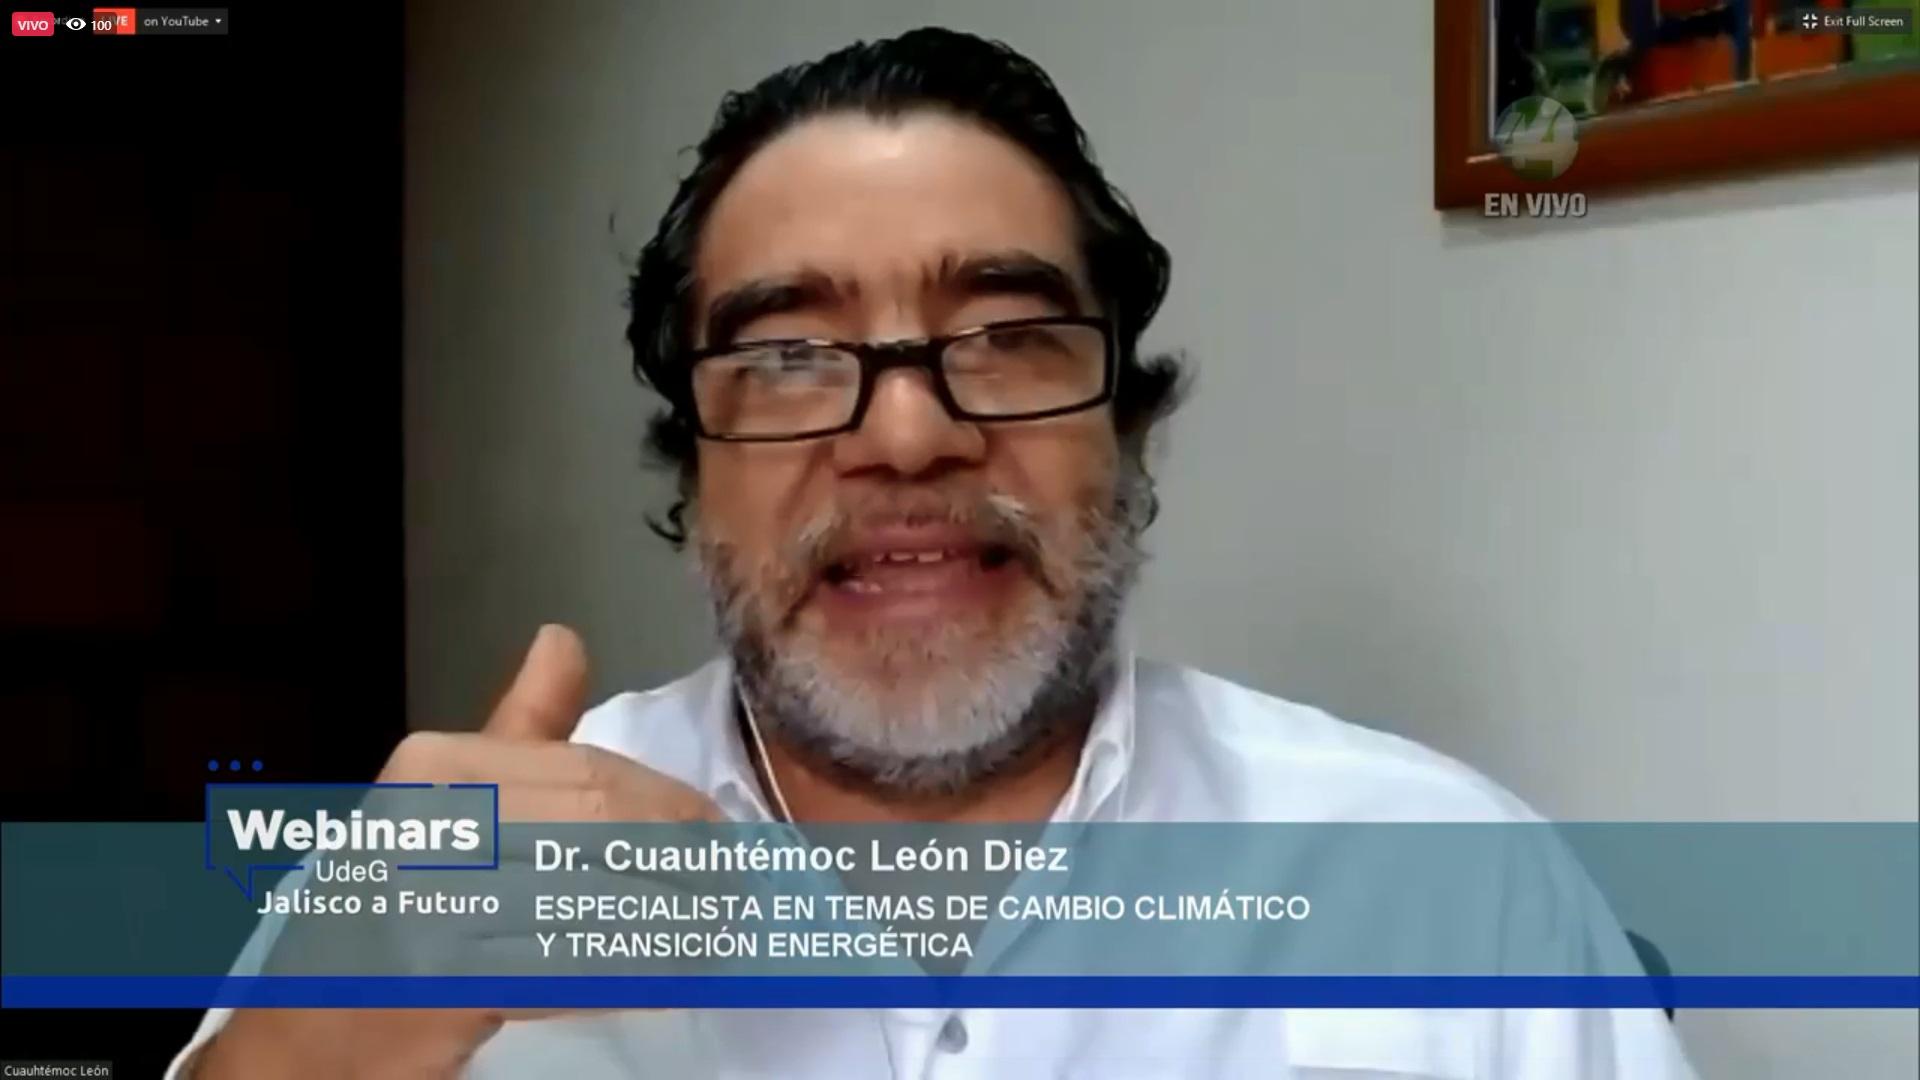 """Expertos discutieron en el webinar """"El futuro ambiental"""", organizado por la UdeG y Jalisco a Futuro"""